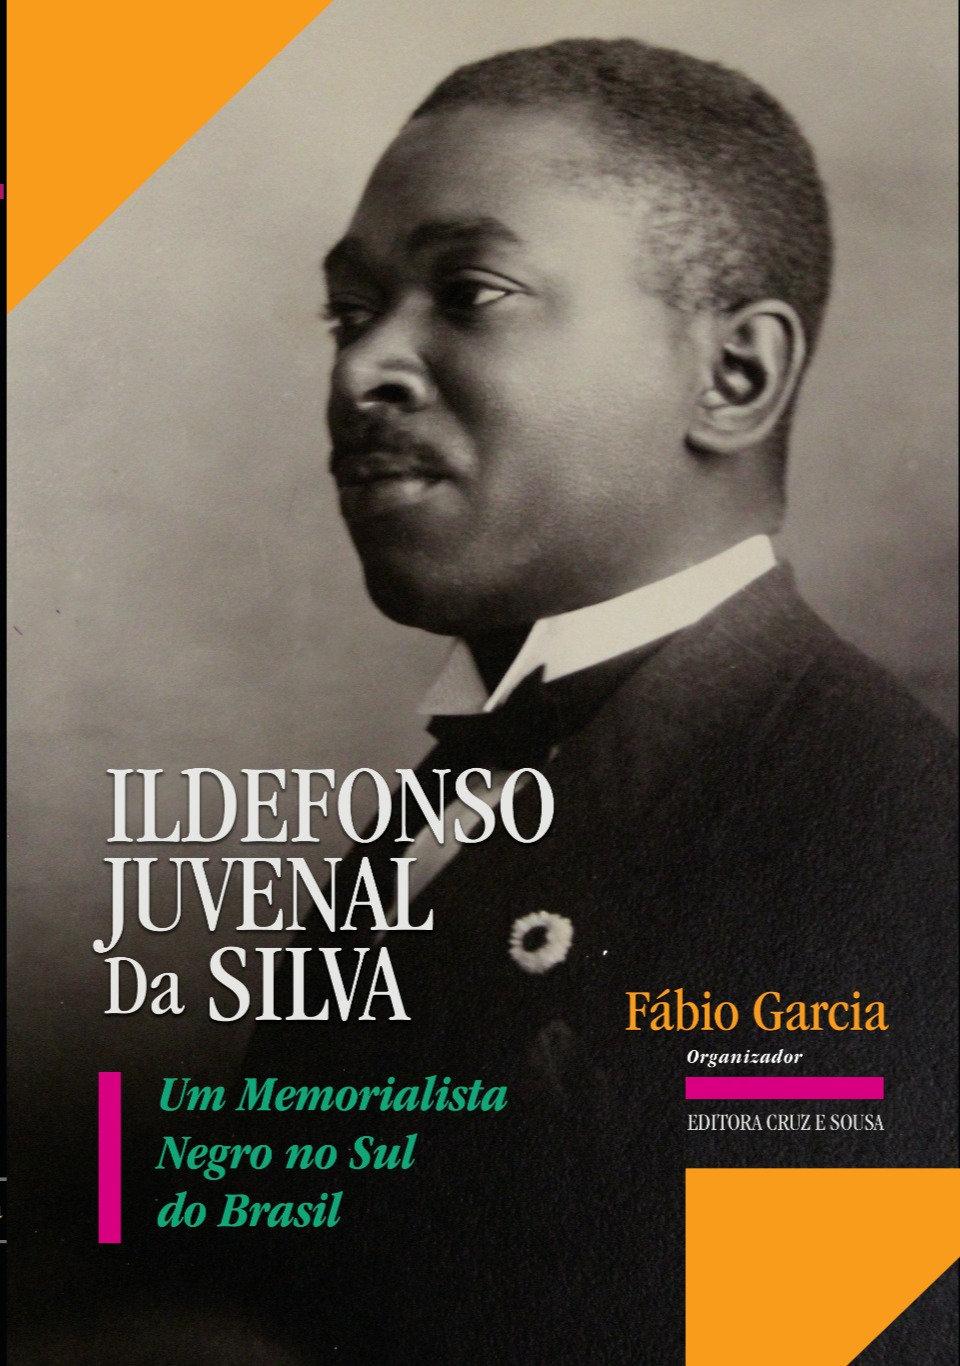 Ildefonso Juvenal da Silva: um memorialista negro no Sul do Brasil   Editora Cruz e Sousa